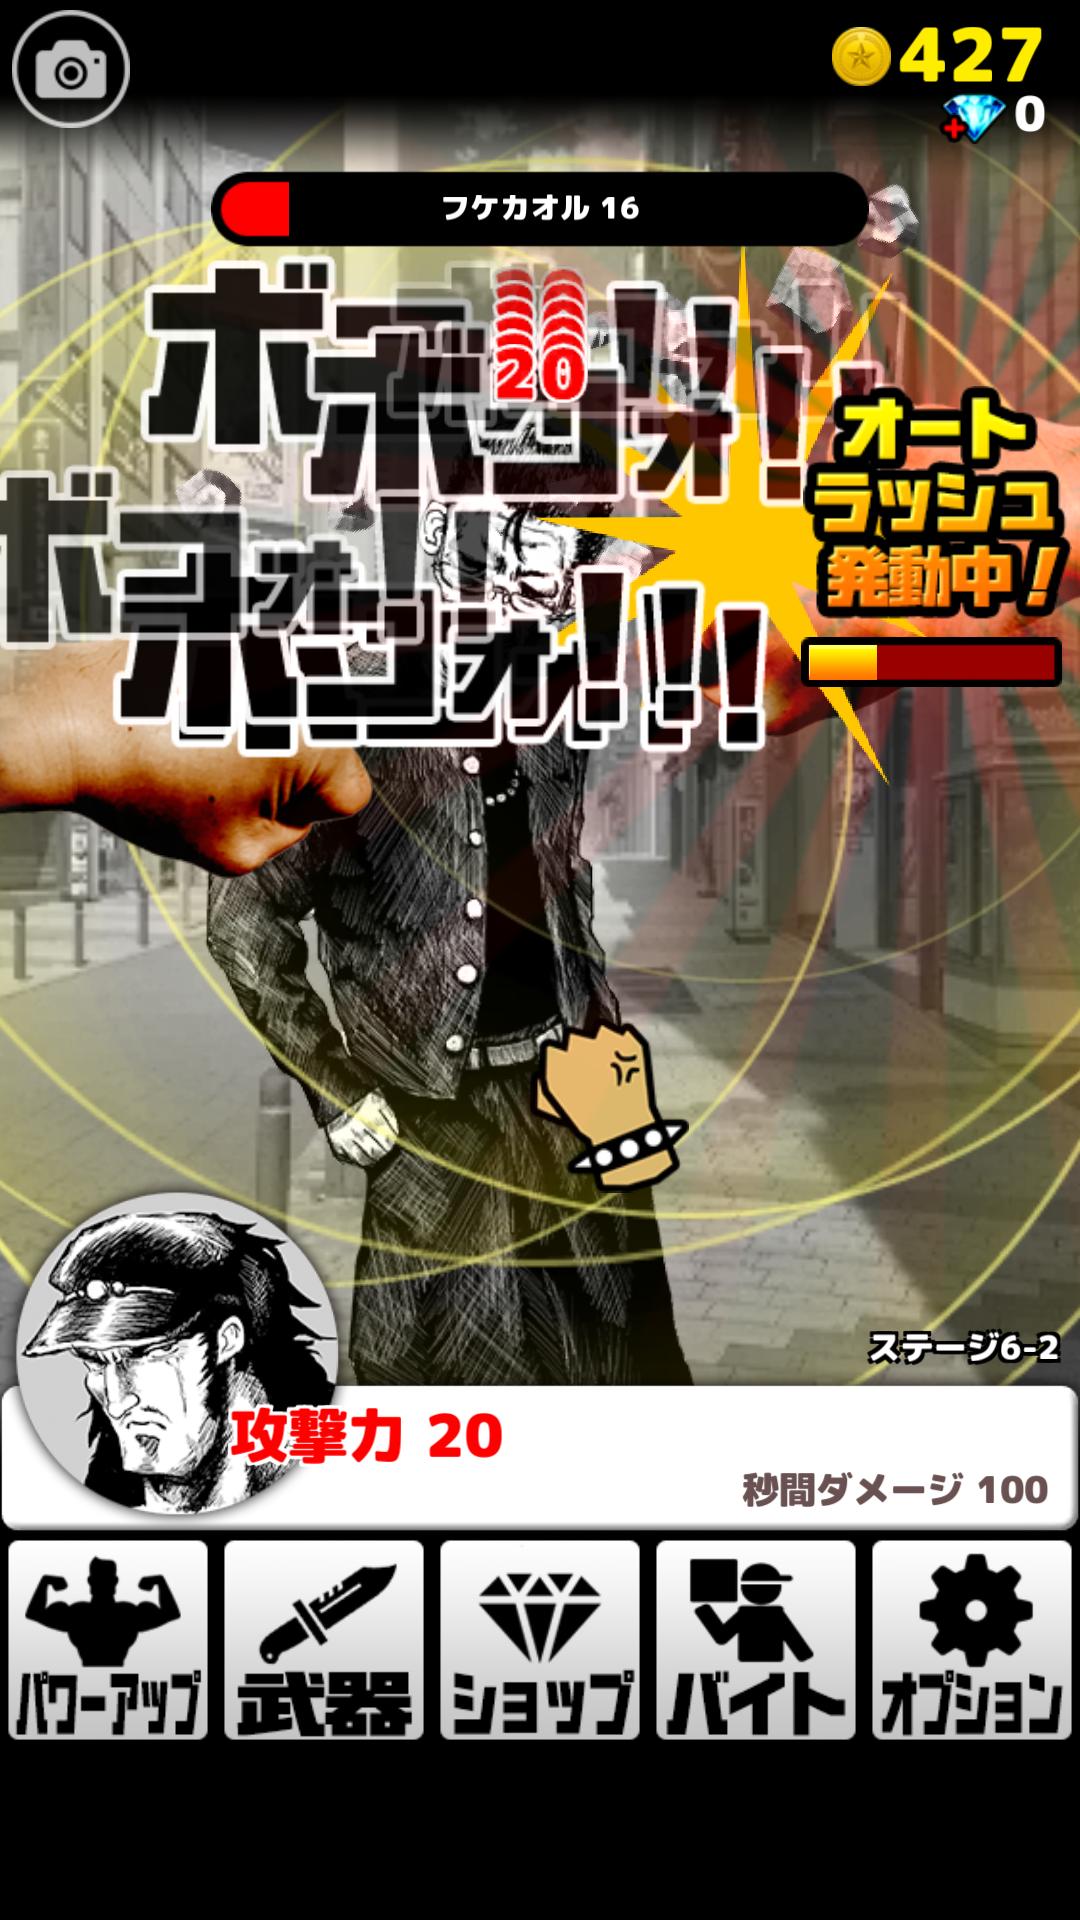 androidアプリ ゲス野郎と拳攻略スクリーンショット5